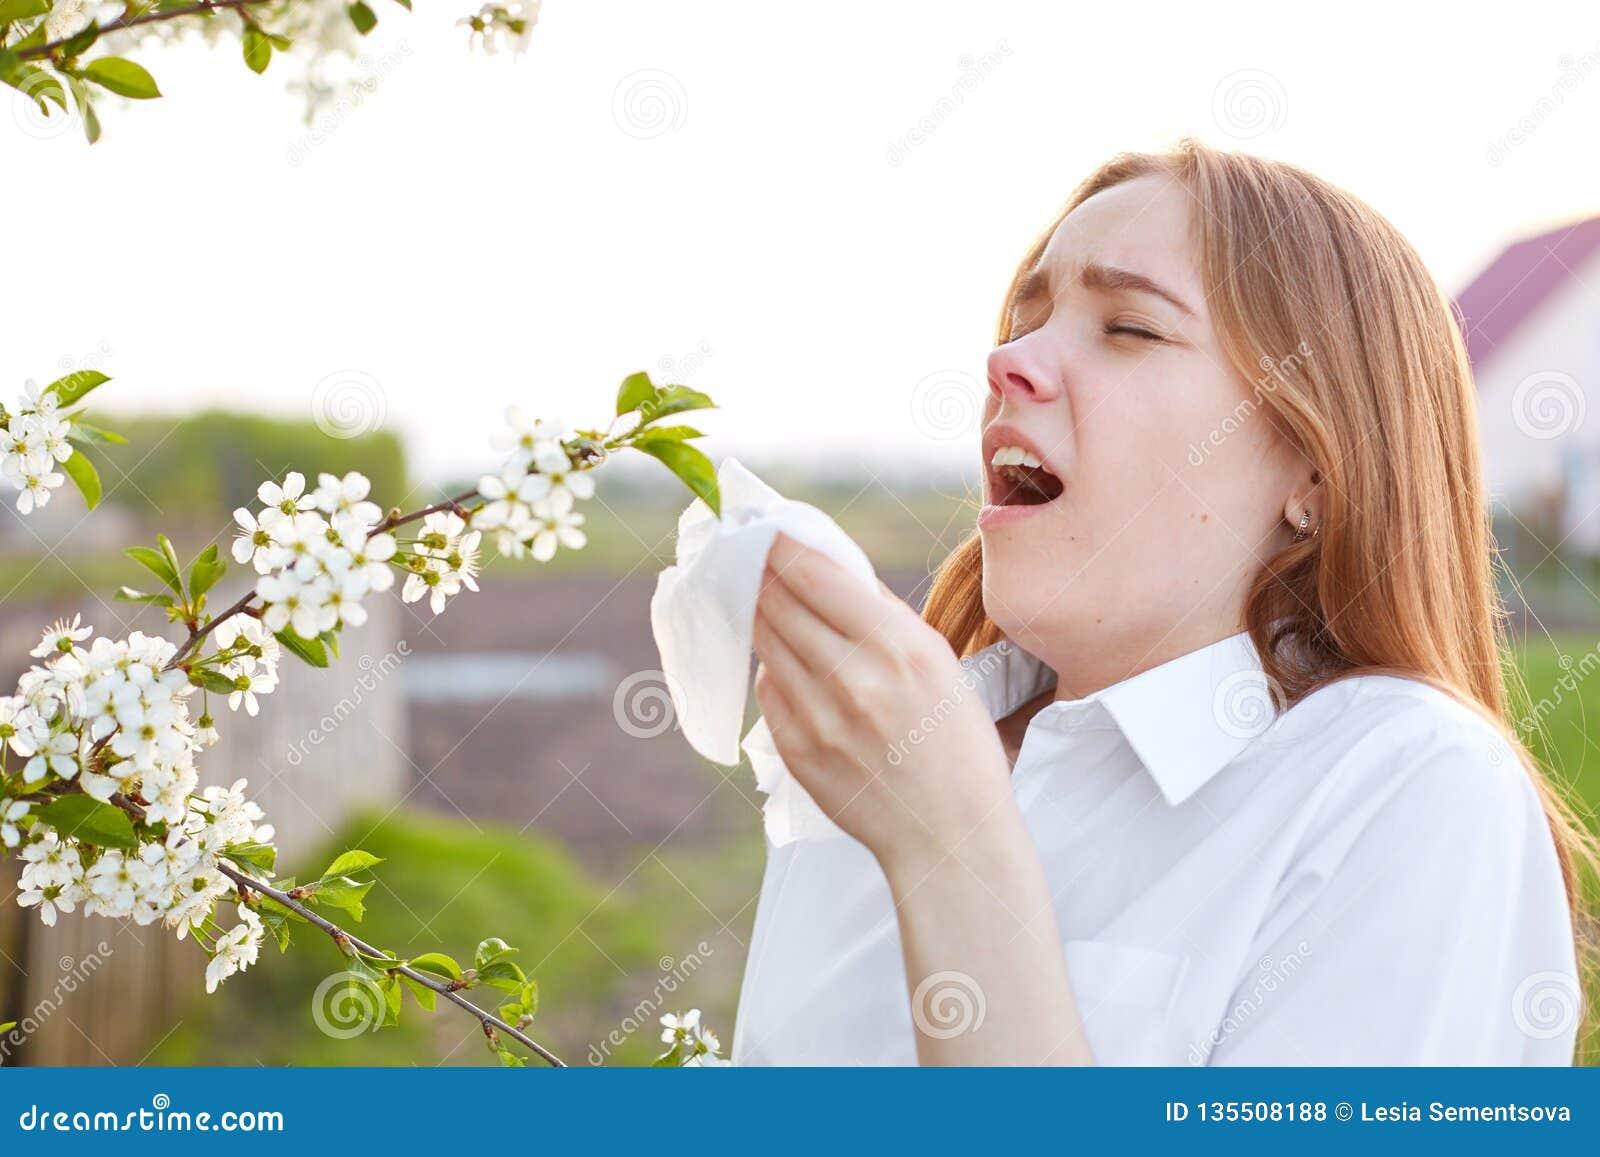 Sintomi di allergia La giovane donna dispiaciuta usa il tessuto, starnutisce tutto il tempo, sta vicino al fiore durante il tempo